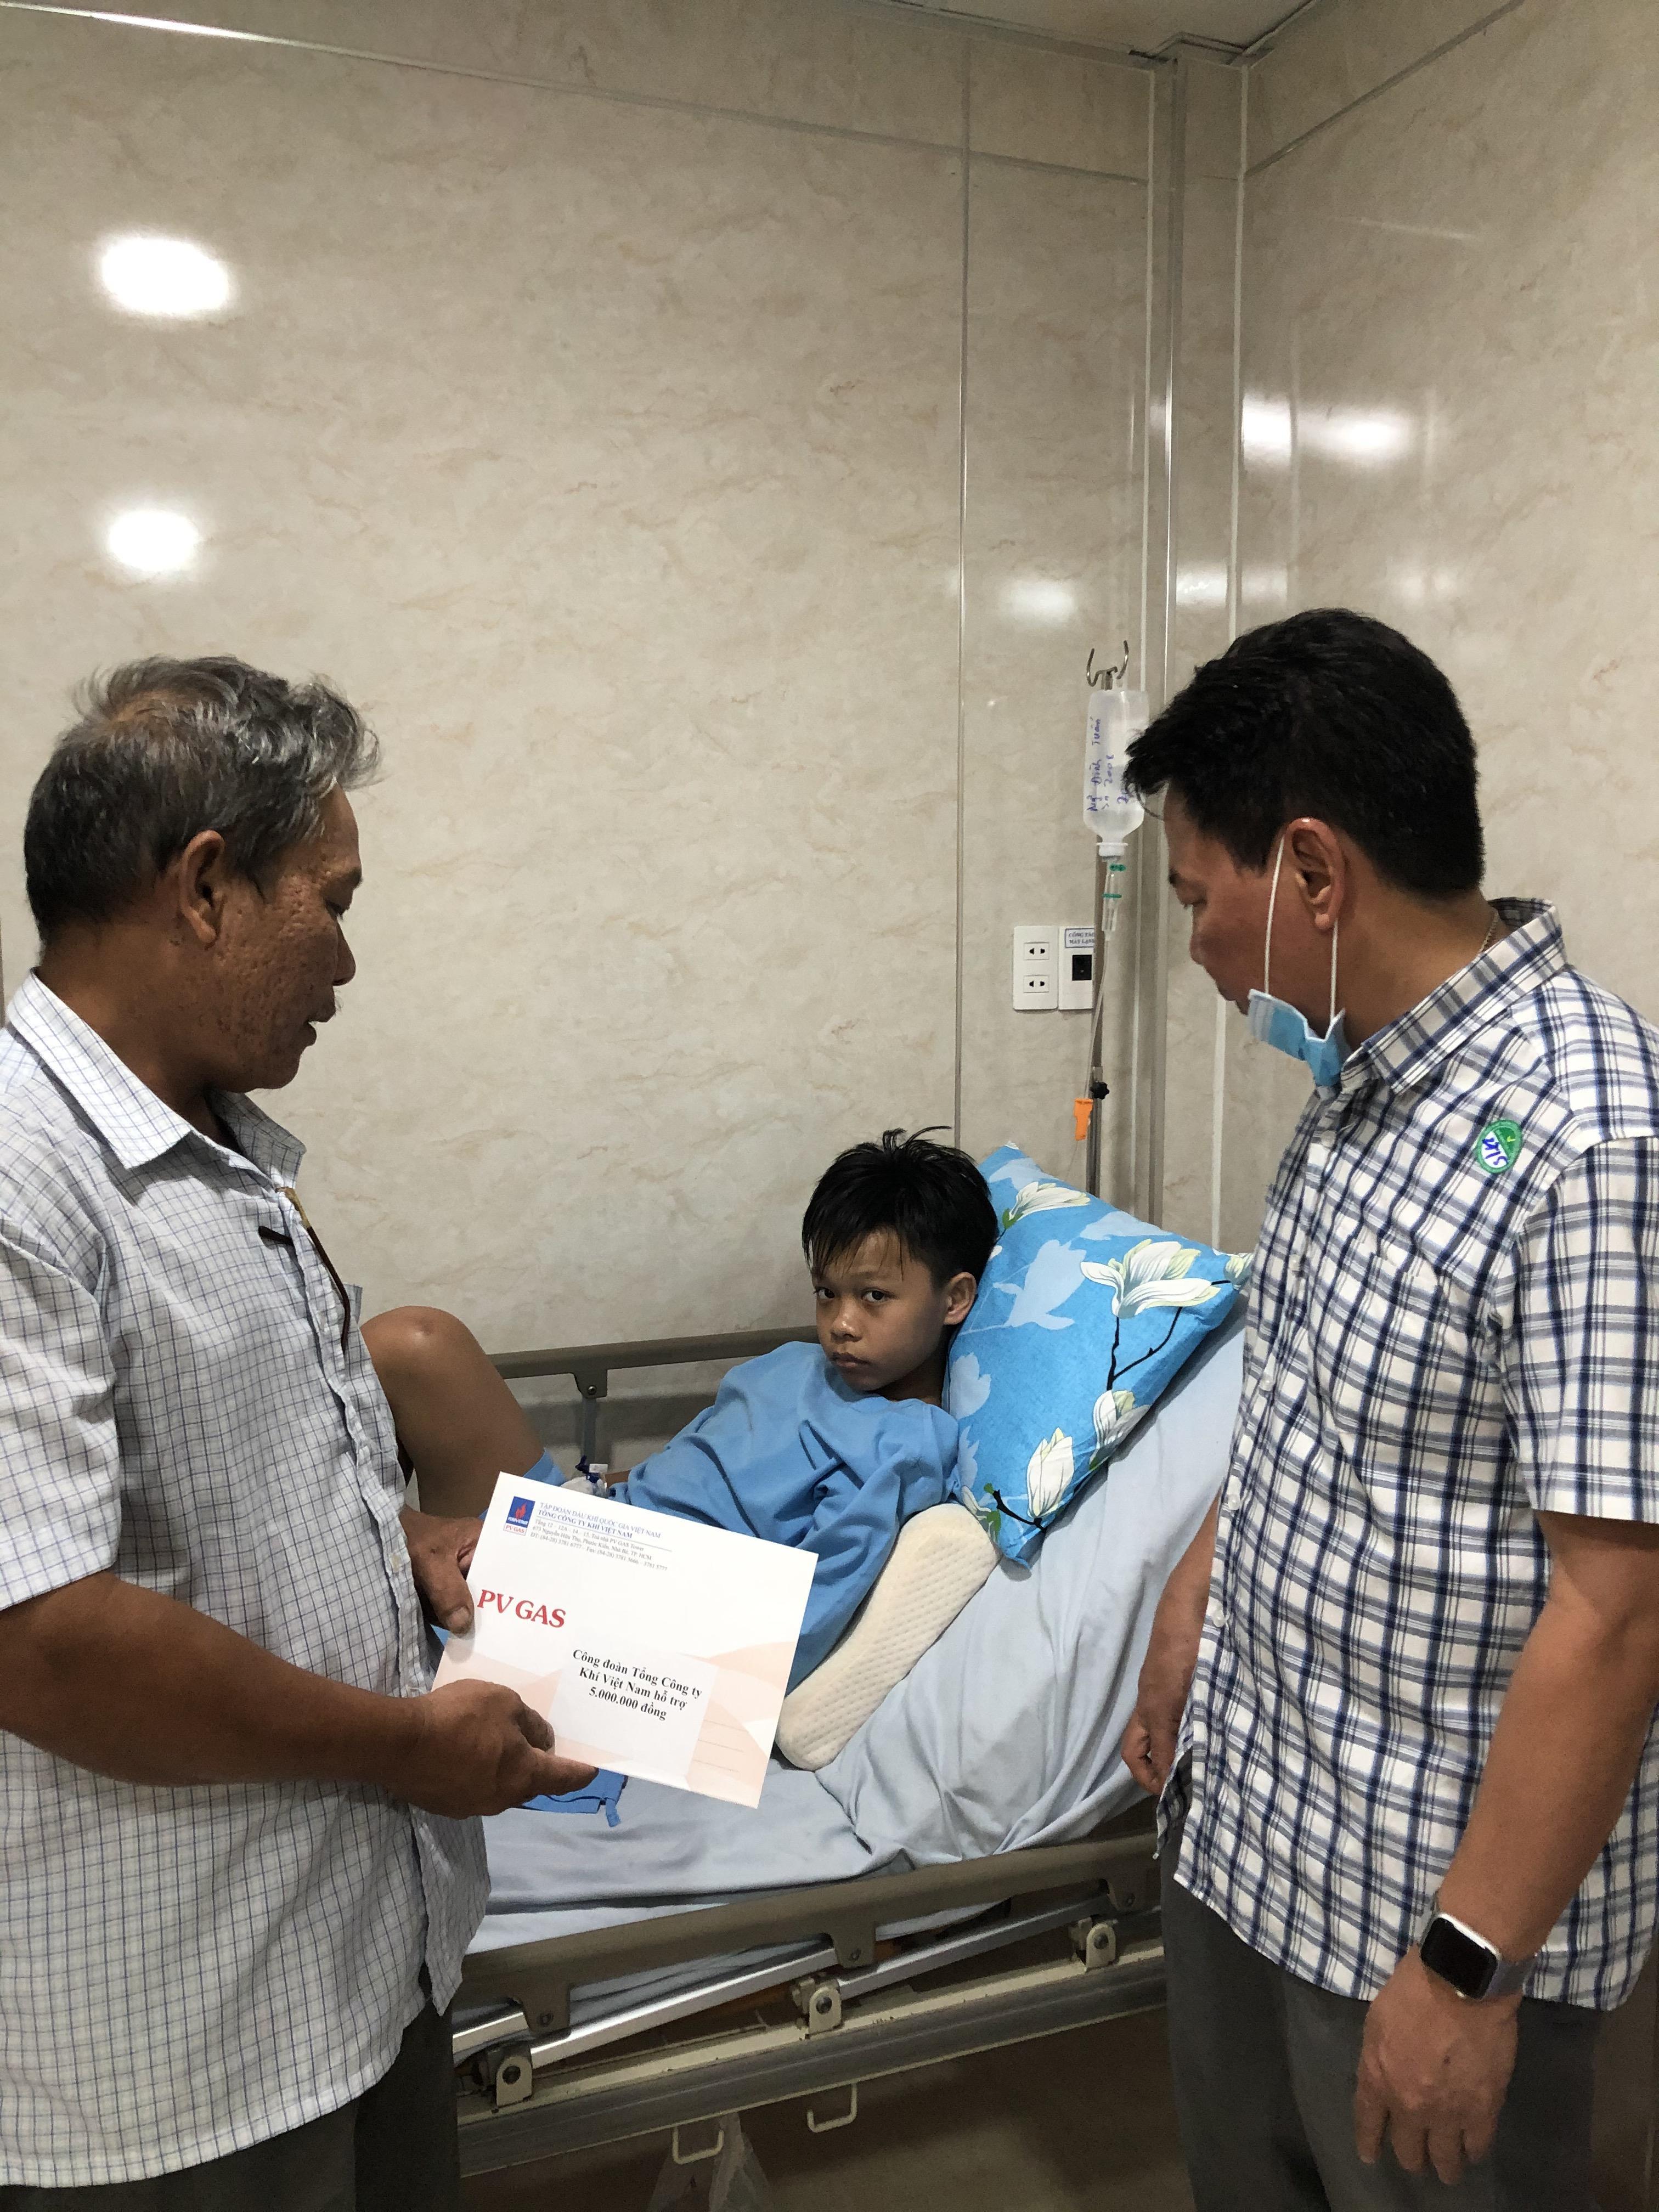 Ông Nguyễn Đăng Hiếu, Phó Chủ tịch Công đoàn PV GAS thăm hỏi học sinh bị nạn tại bệnh viện